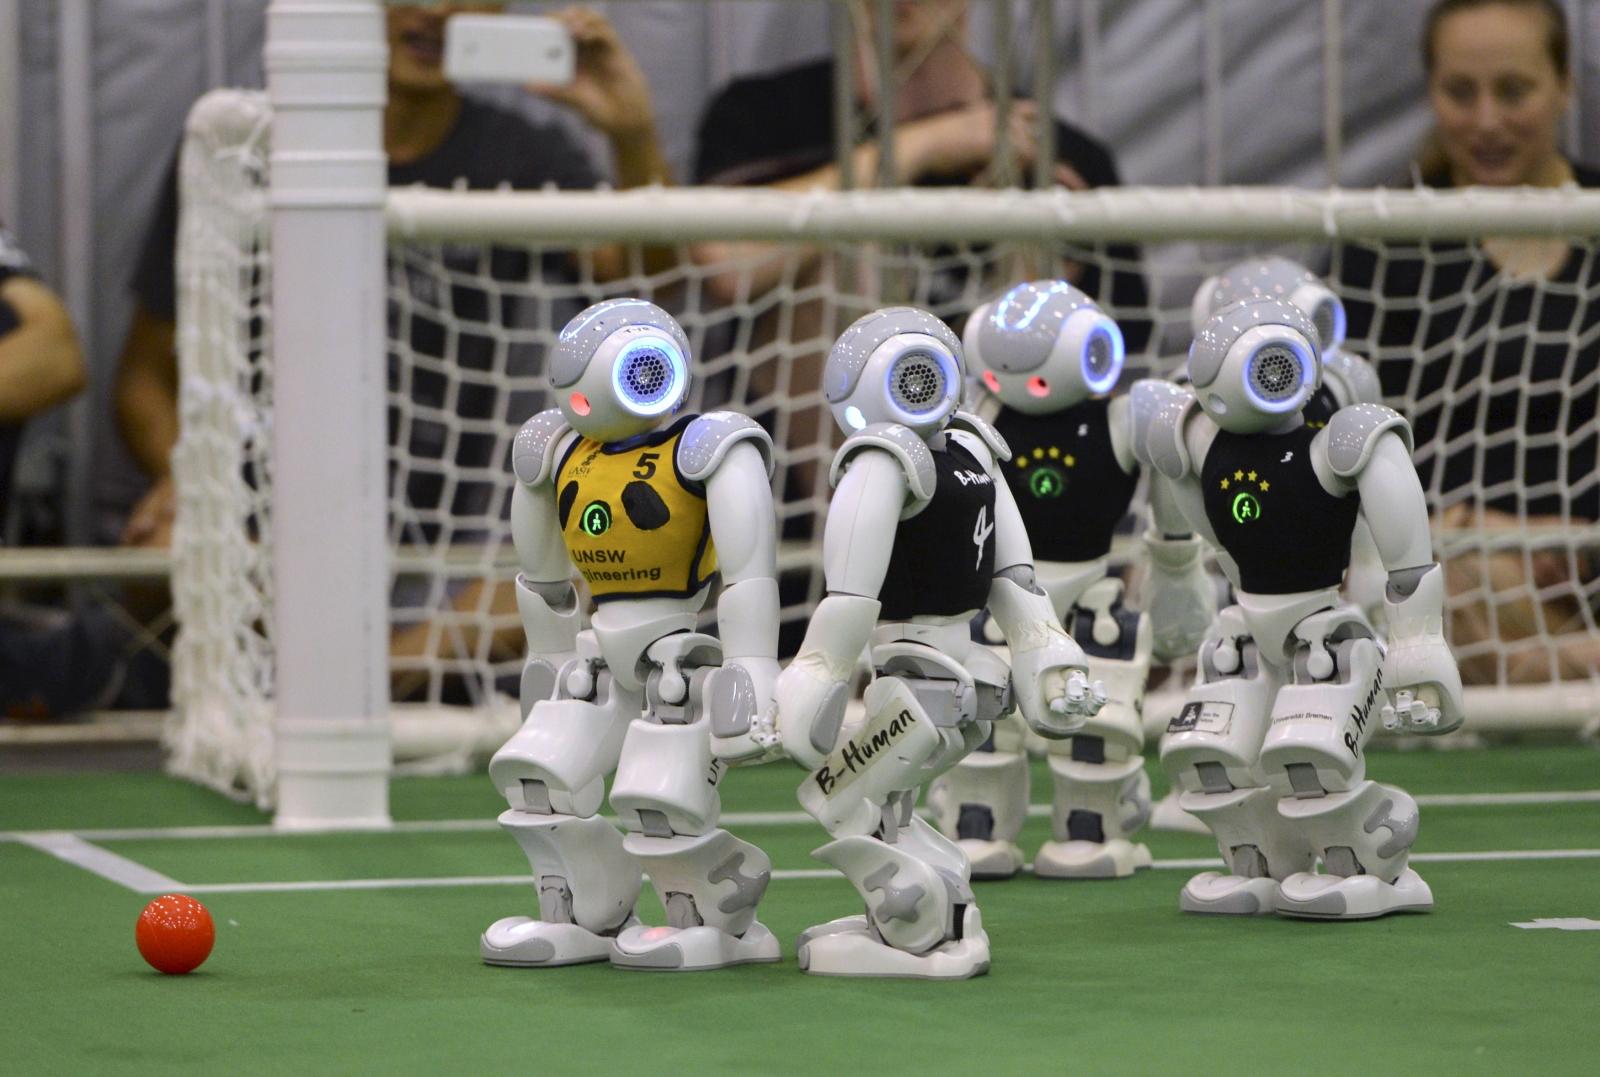 RoboCup 2015